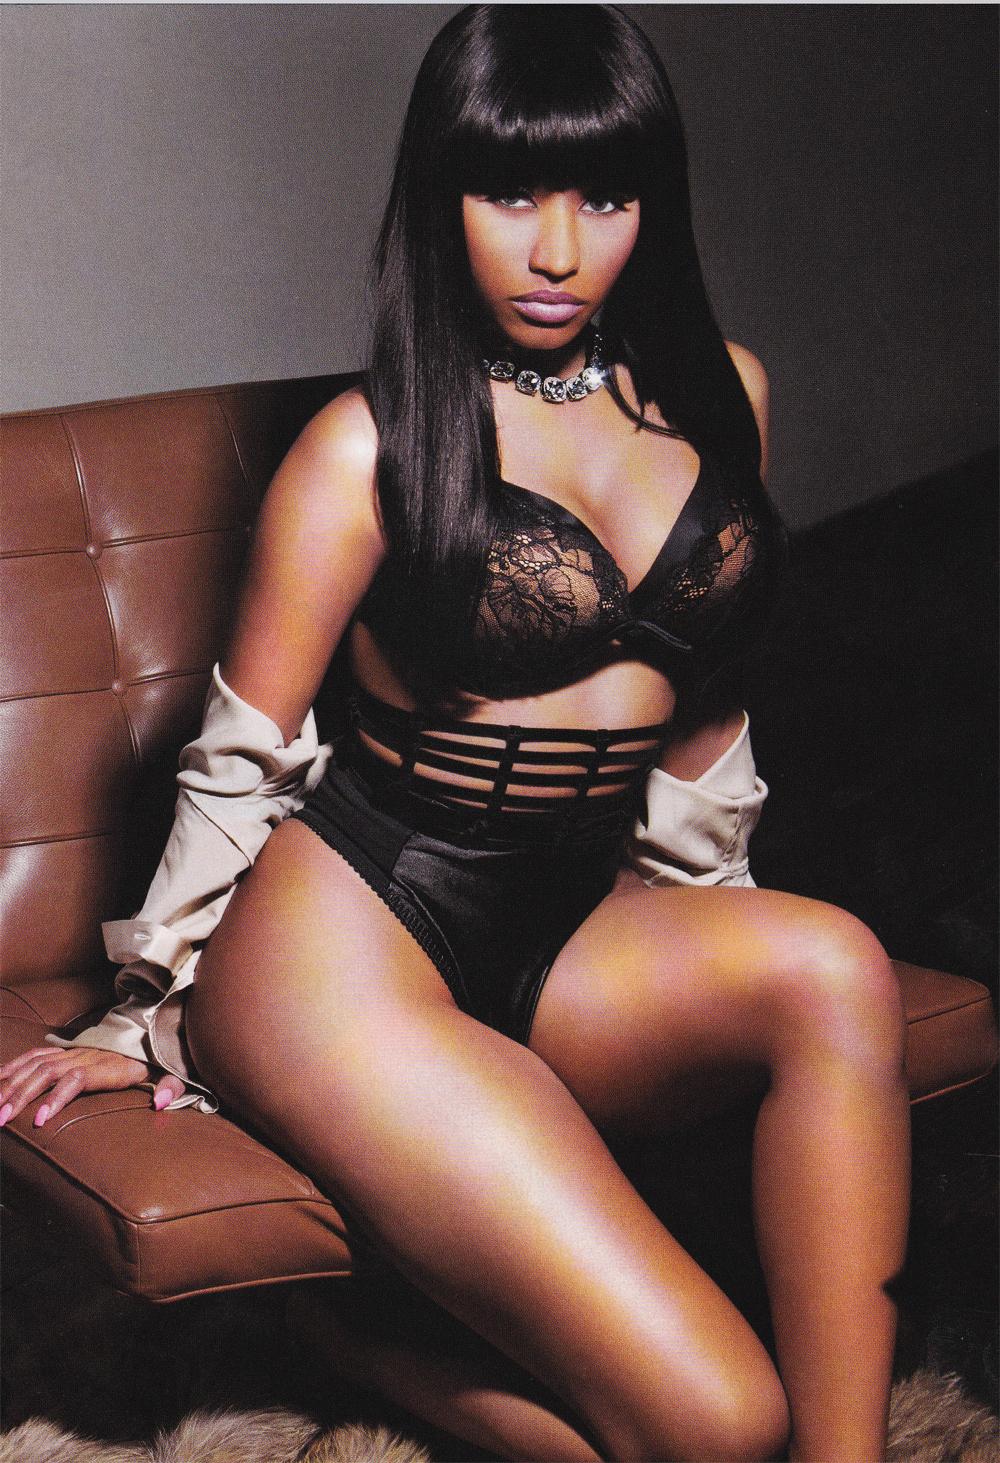 Nicki Minaj, Nicki Minaj news, Nicki Minaj information, nicki minaj, nicki minaj news, nicki minaj gossip, nicki minaj pictures, nicki minaj videos, nicki minaj bio